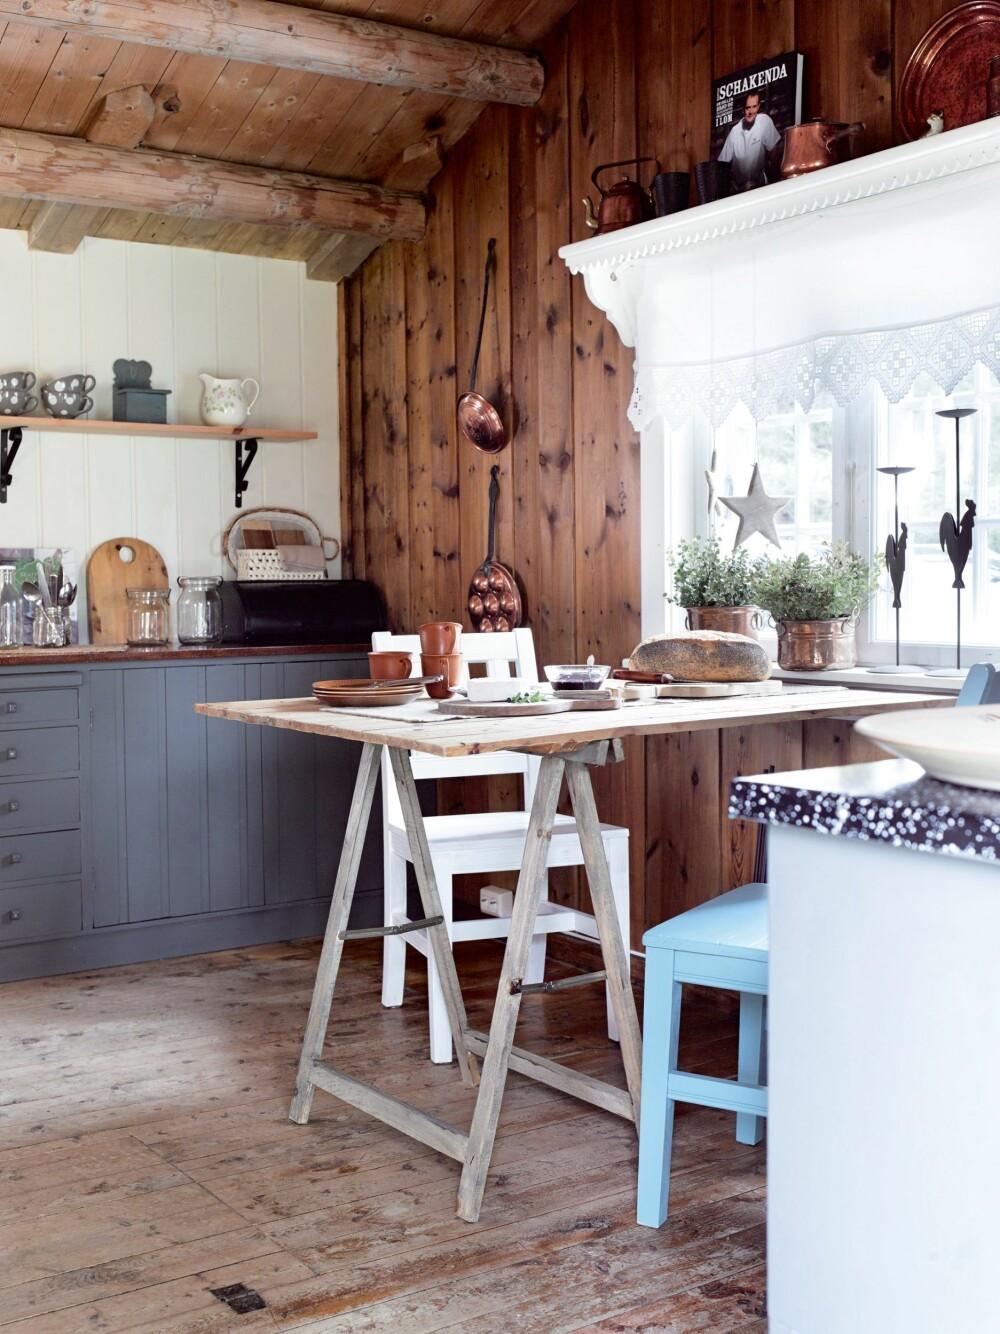 GJESTEKJØKKEN I GAMLEHYTTA: En gammel dør funnet i skjulet er blitt til en bordplate. Den er smurt inn med jernvitriol for å stå i stil til det røffe gulvet. Innredningen er snekret på stedet. Hyllen over vinduet og stolene er laget av Sidsels far. Gardin og kobbergjenstander er bruktfunn. Benkeplaten er malt med oljebeis i tjærebrun og satt inn med halvblank trestjernes lakk. En arbeidsbukk fra Biltema er satt inn med jernvitriol for å få en gammel patina som kler bordplaten og gulvet.